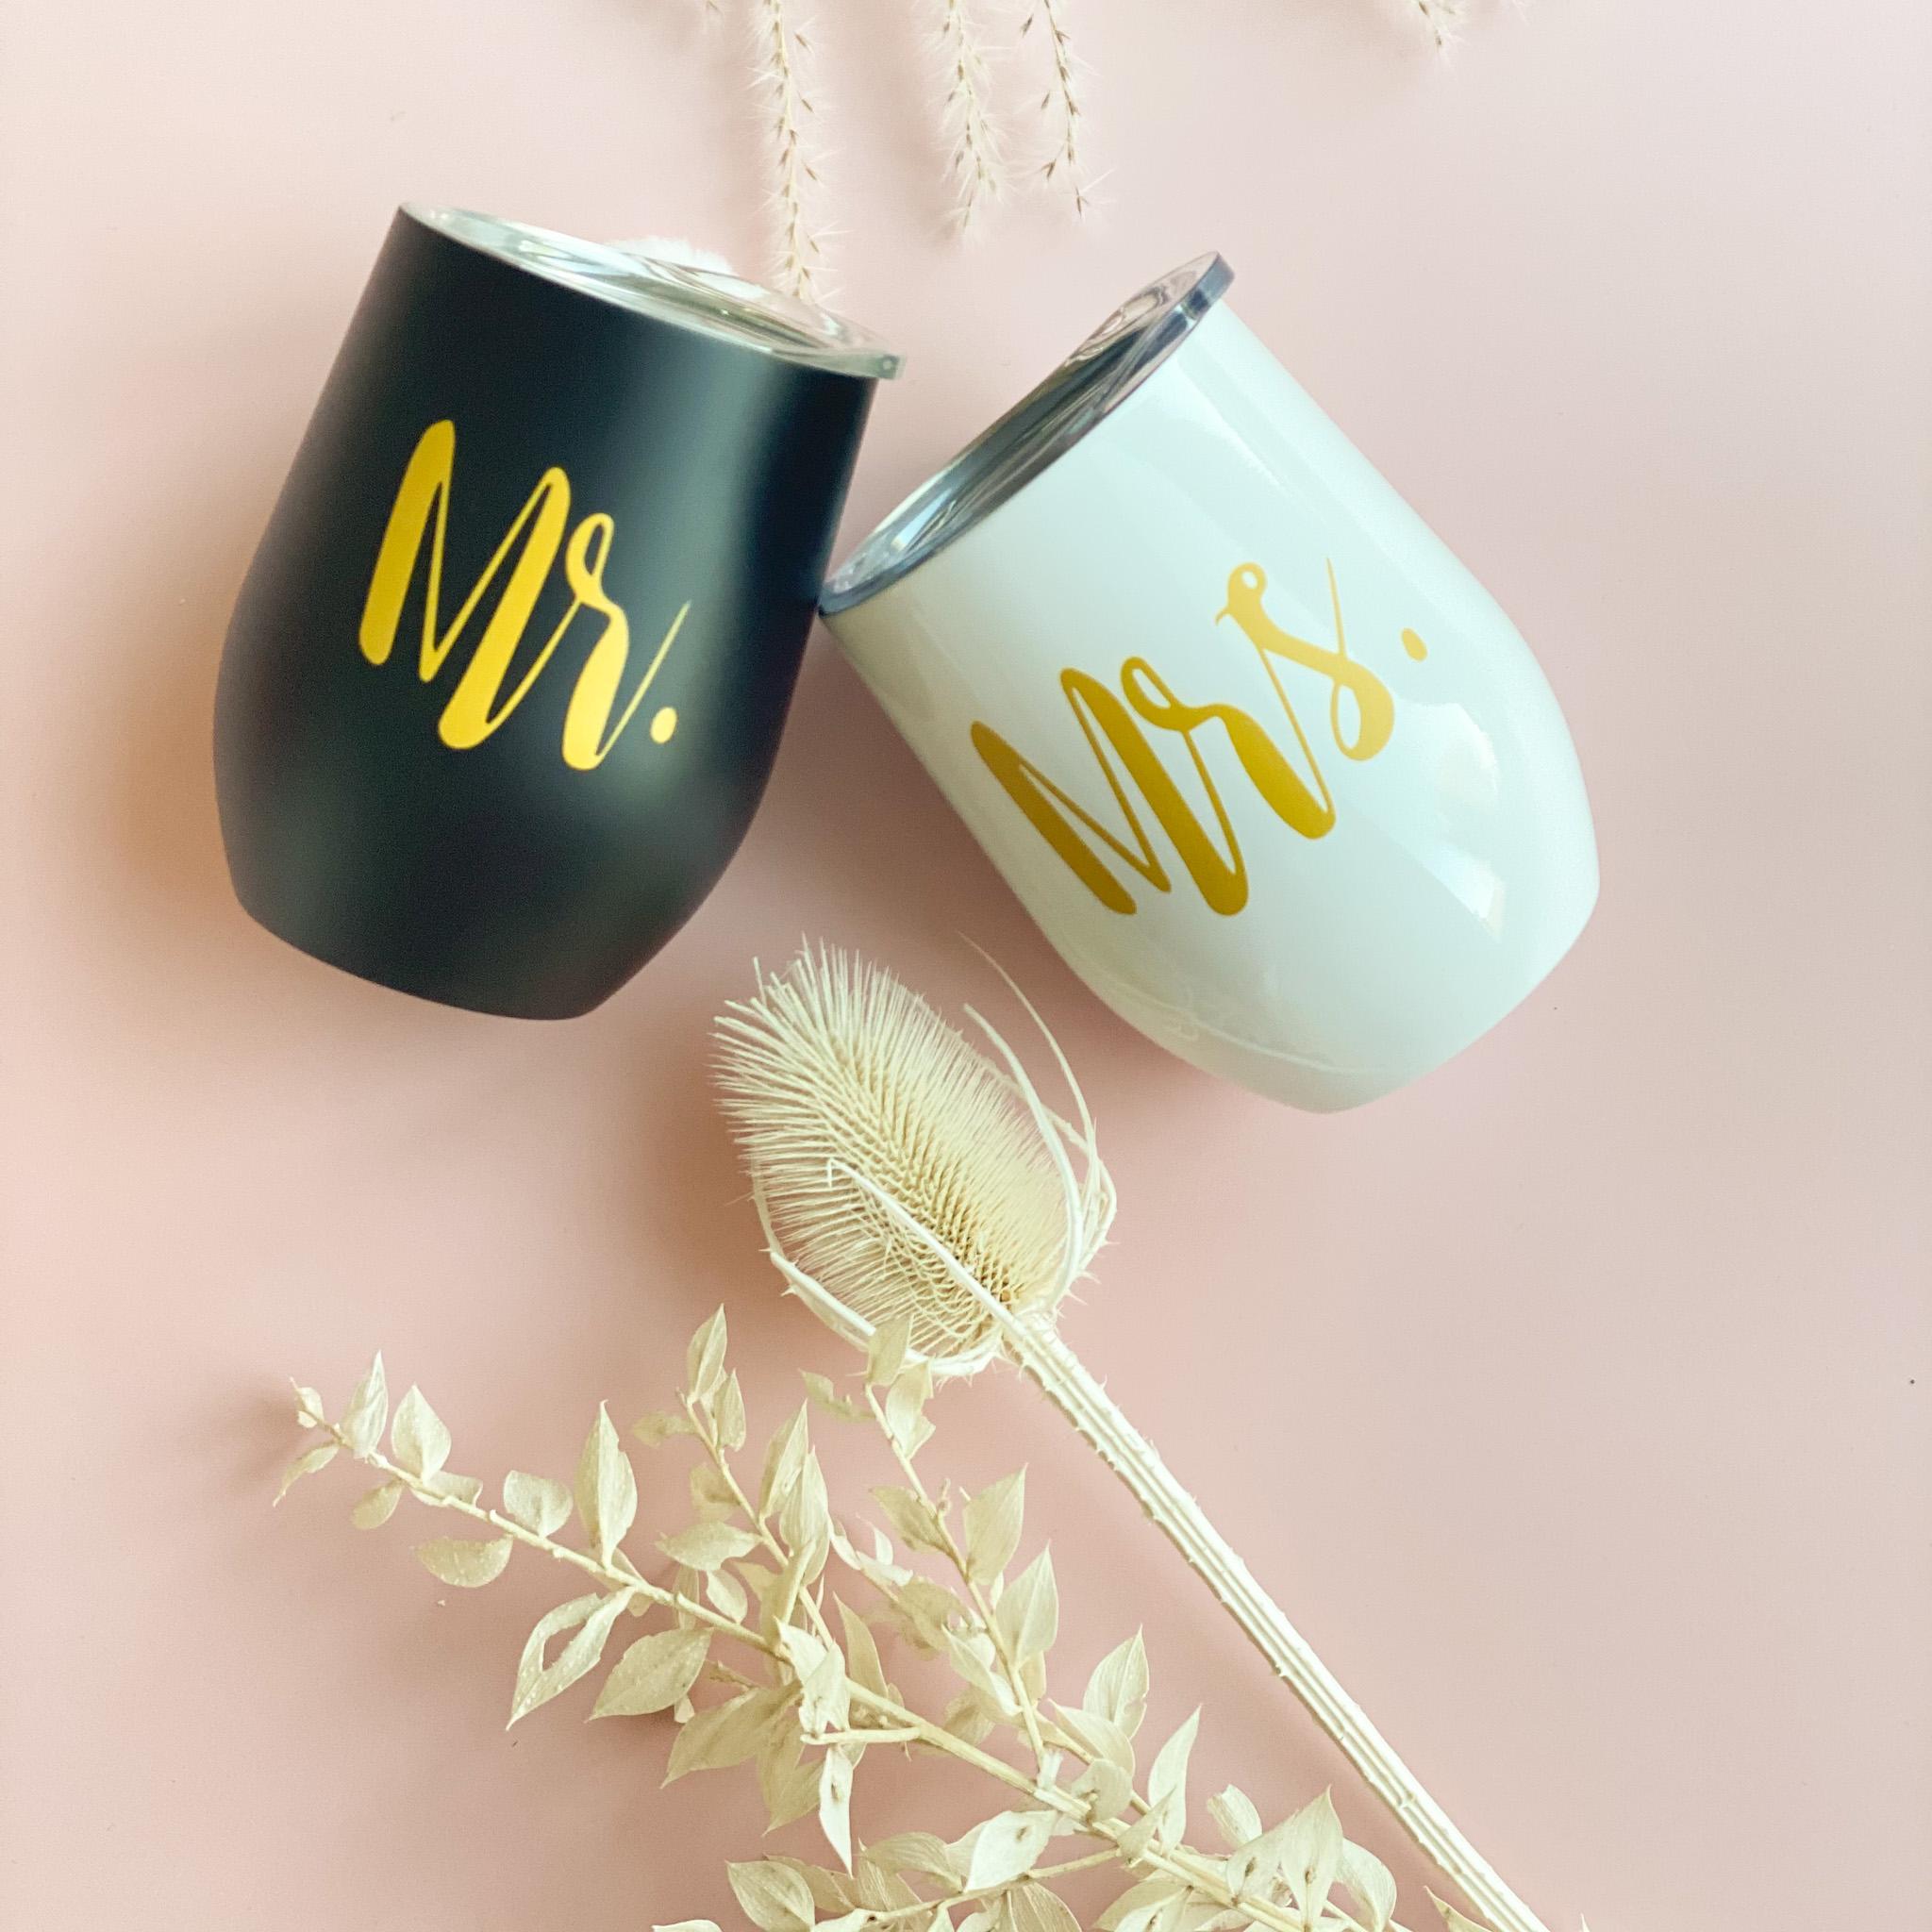 Thermobecher Mr. & Mrs. im Set | Perfektes Hochzeitsgeschenk | Weinbecher